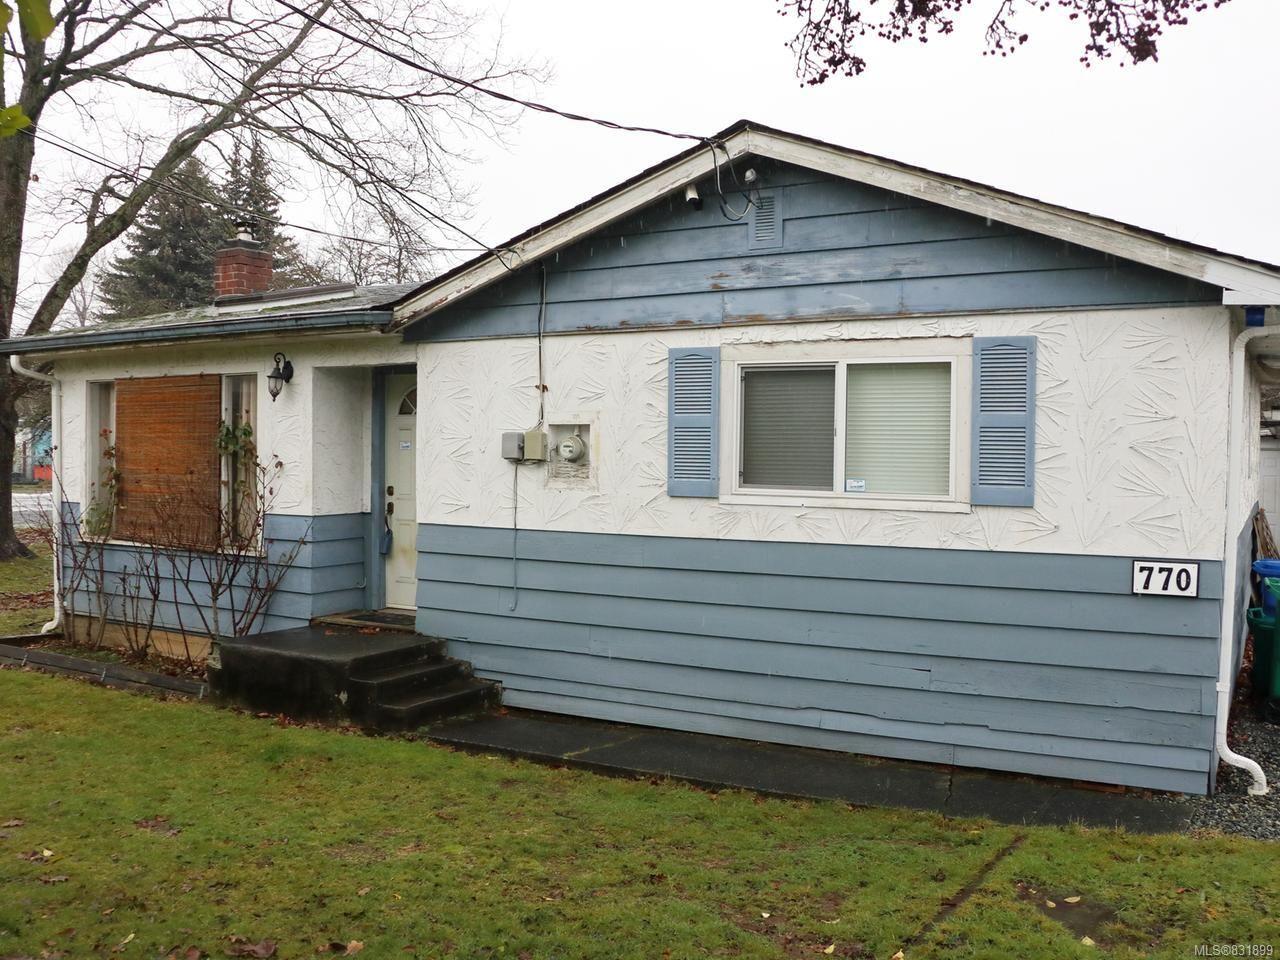 Main Photo: 770 Bruce Ave in NANAIMO: Na South Nanaimo House for sale (Nanaimo)  : MLS®# 831899